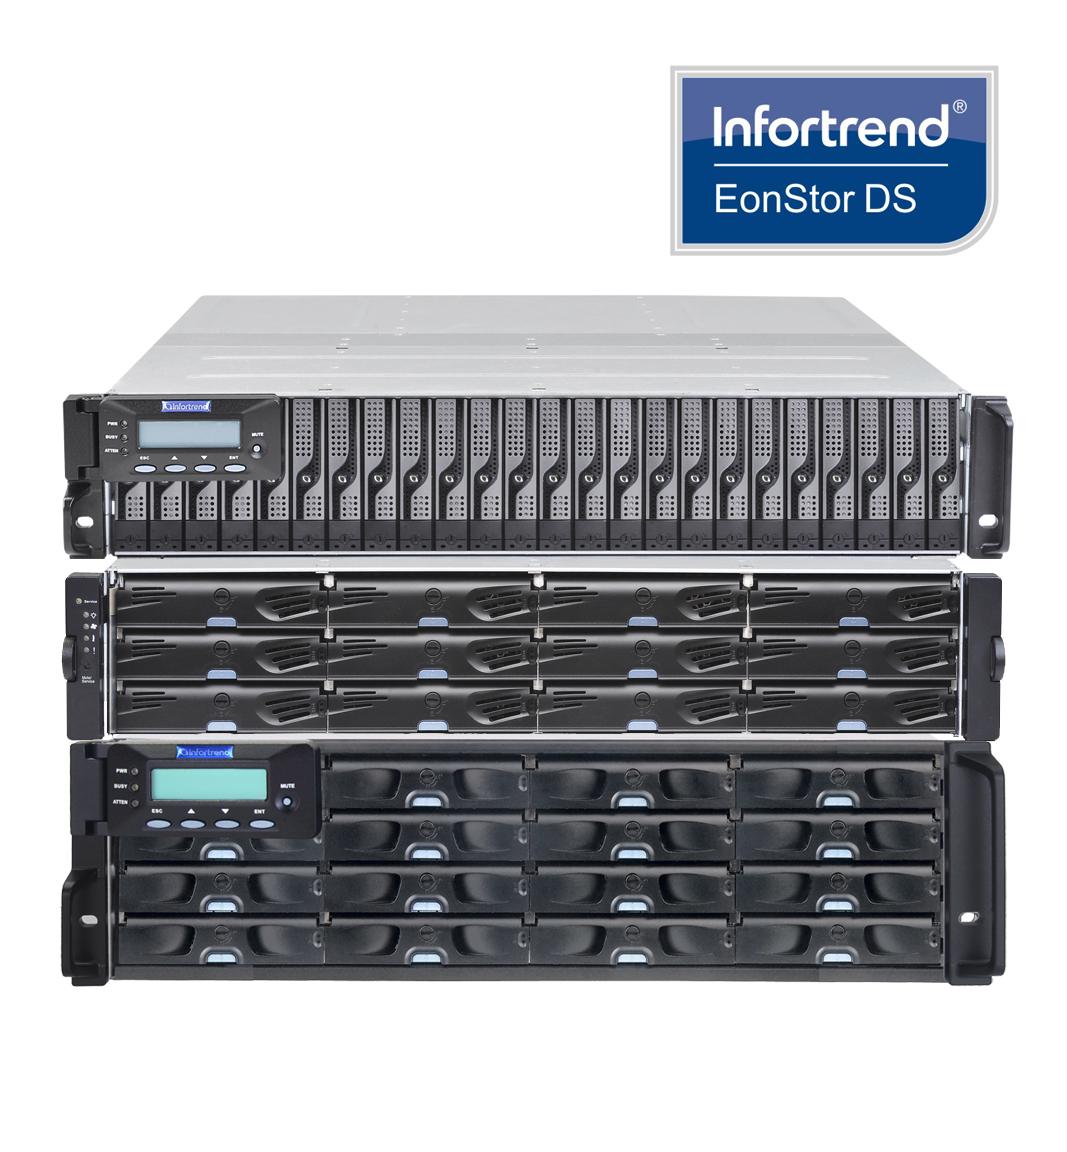 Sistemas de Almacenamiento Infortrend EonStor DS